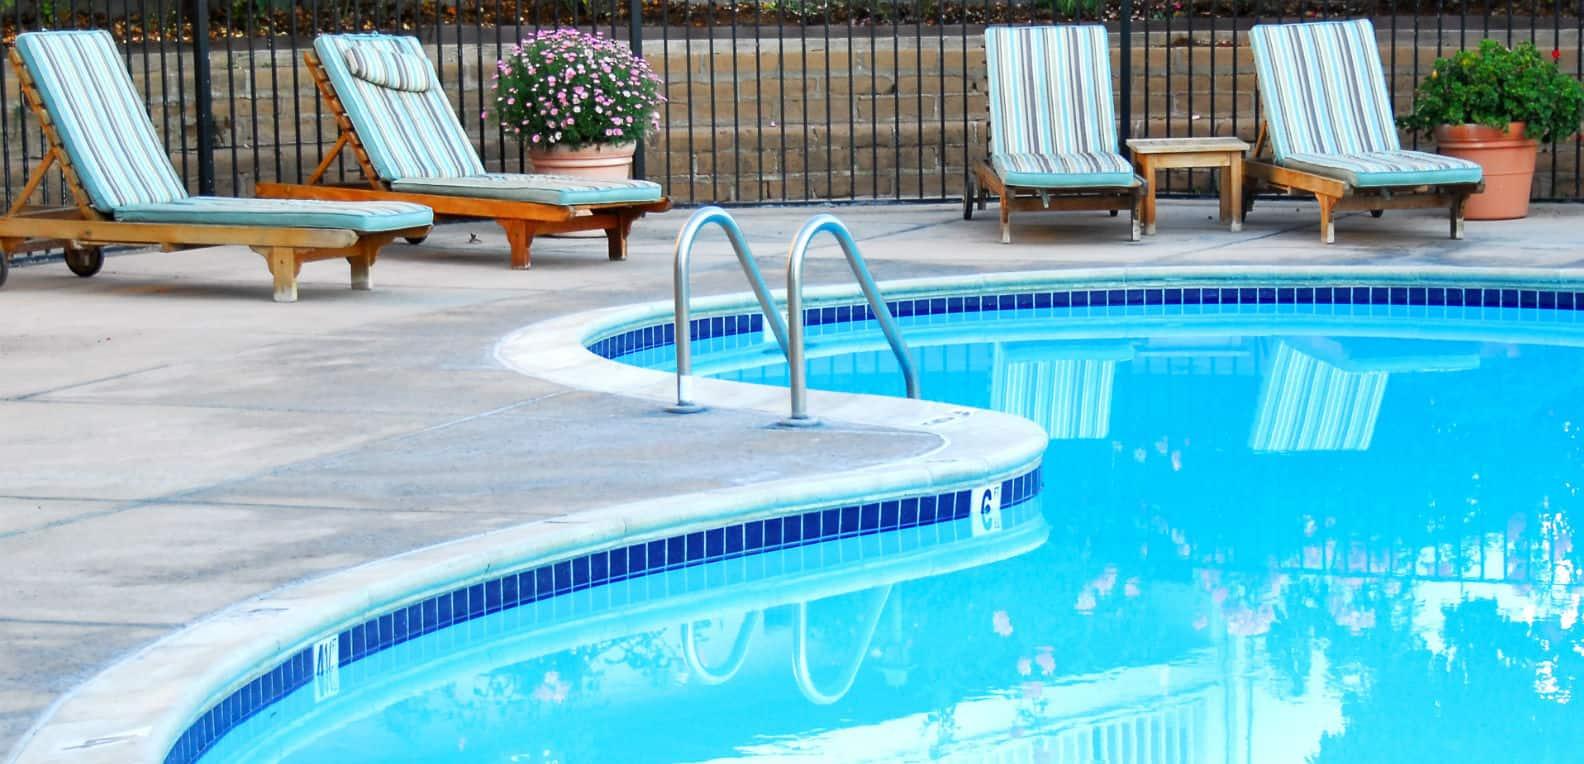 los alamitos commercial pool service